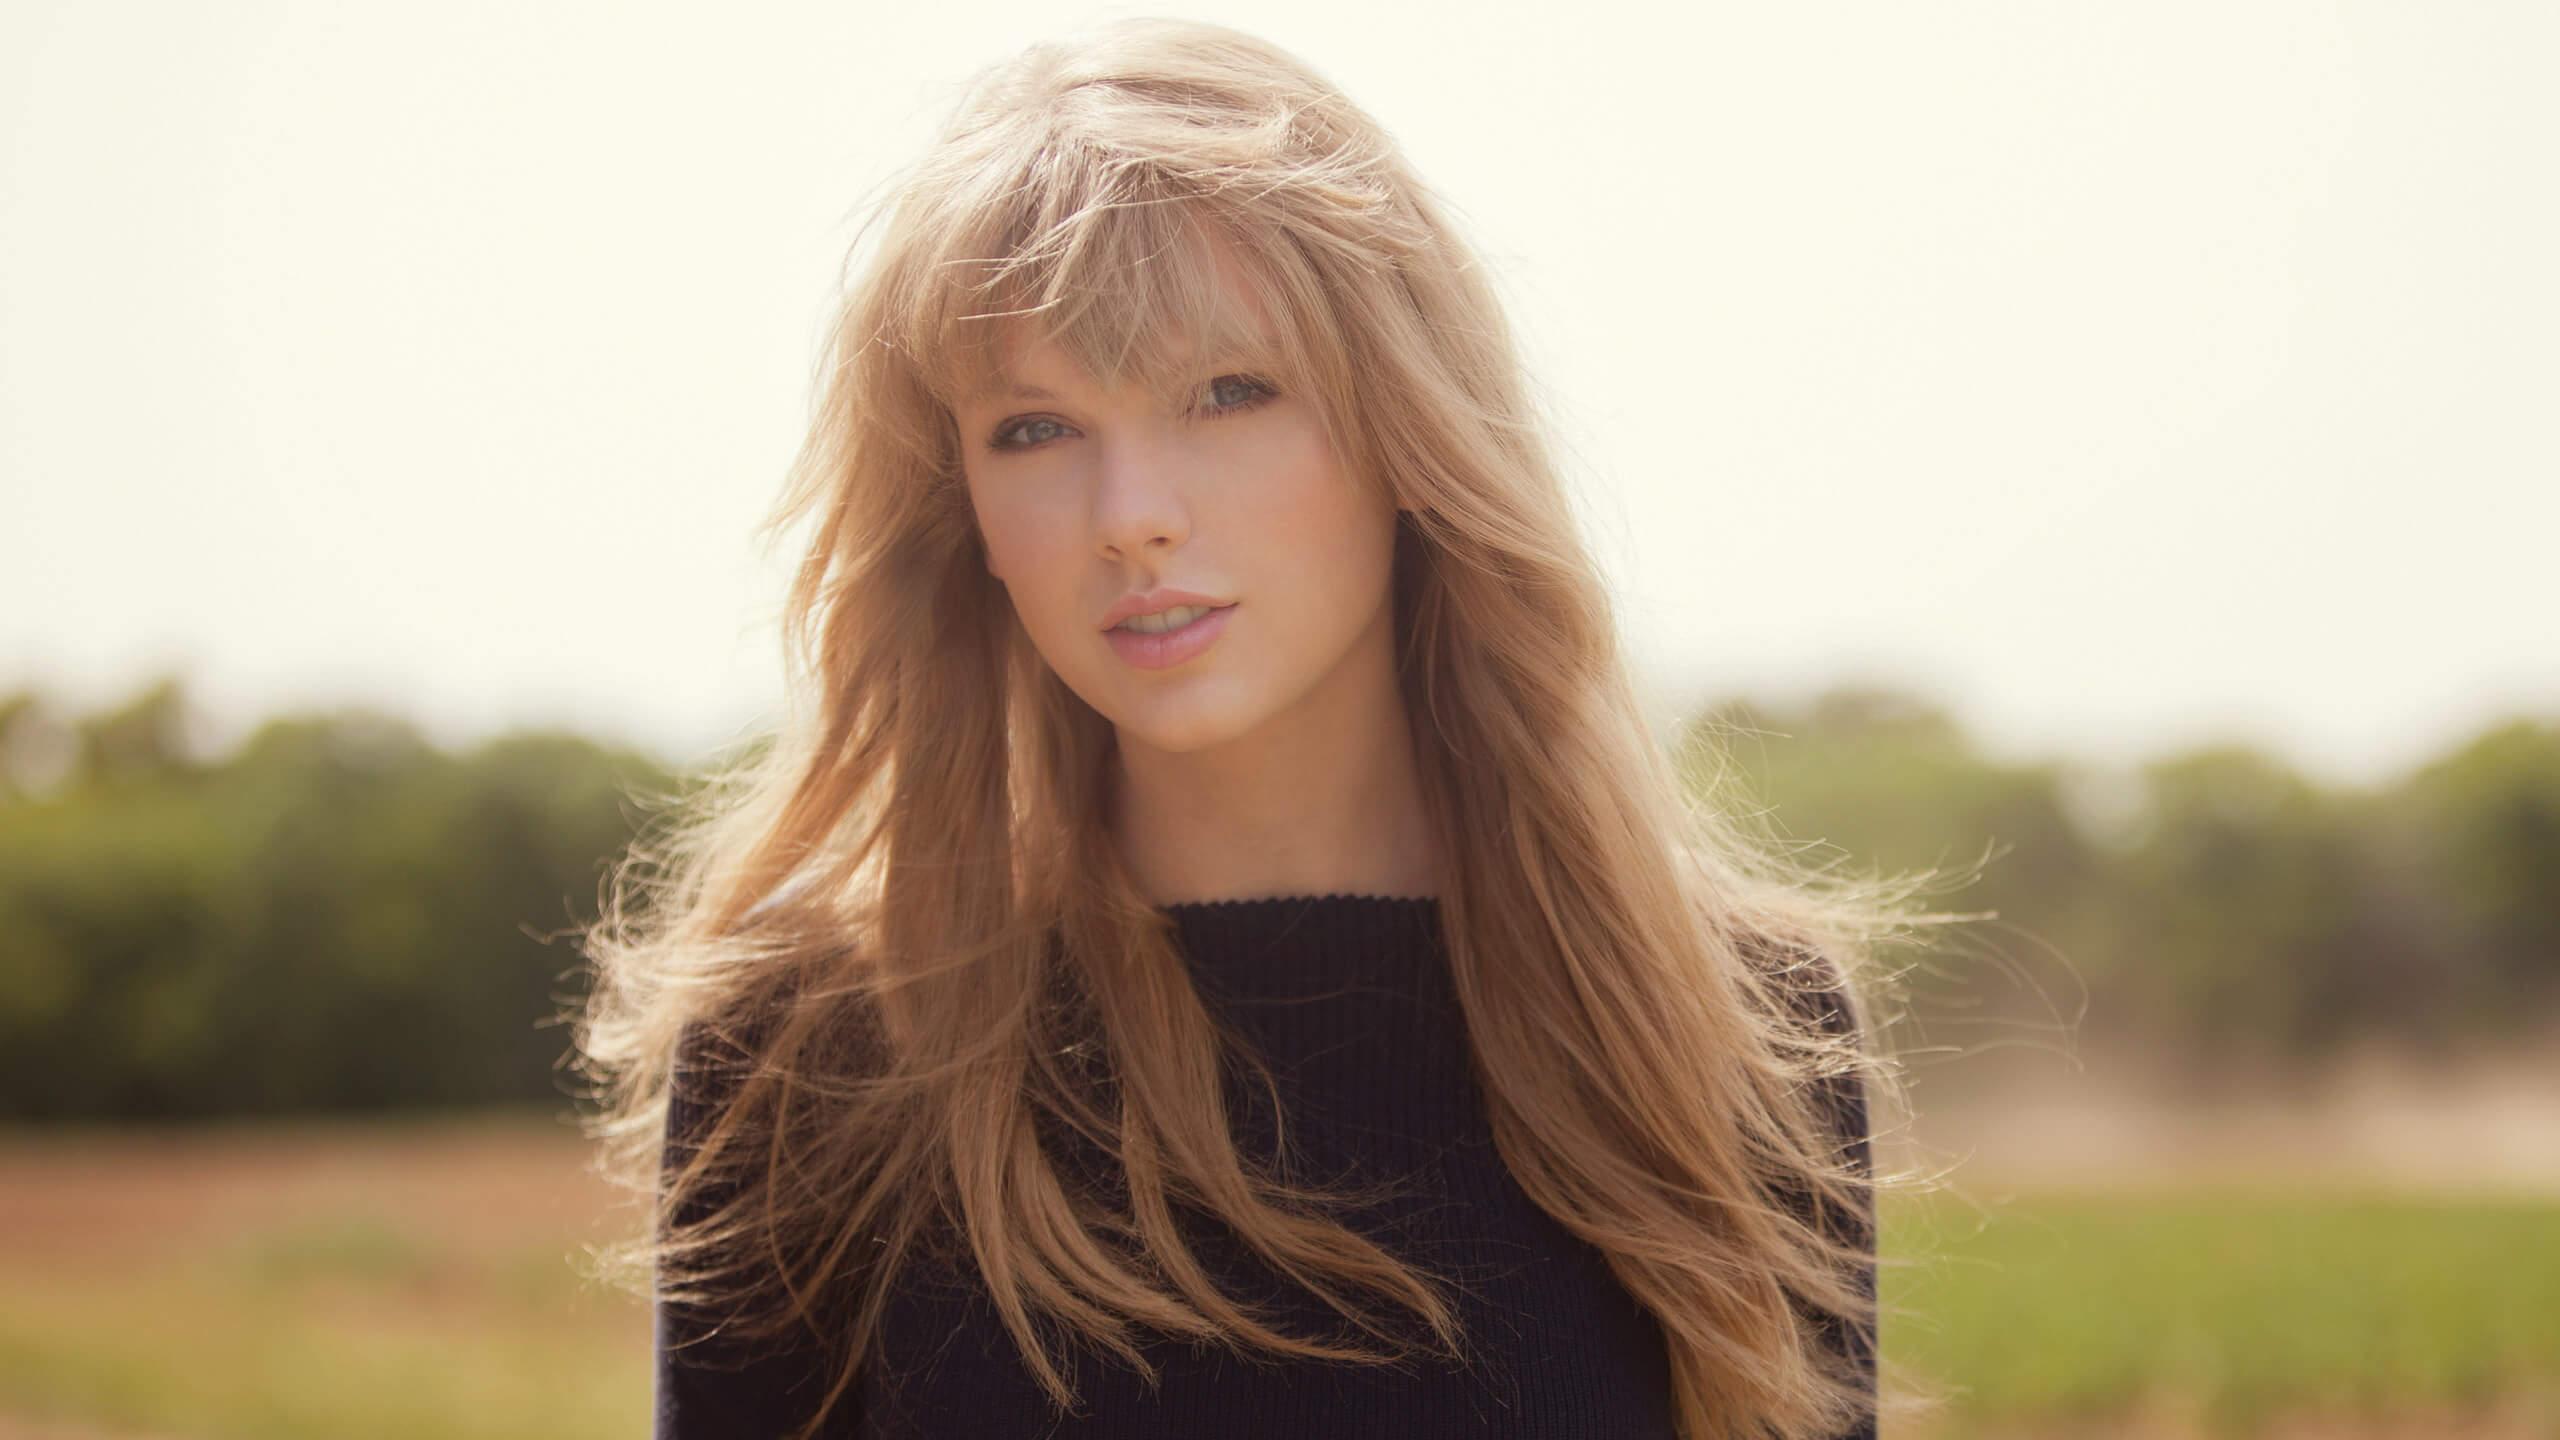 Taylor Swift Universal music